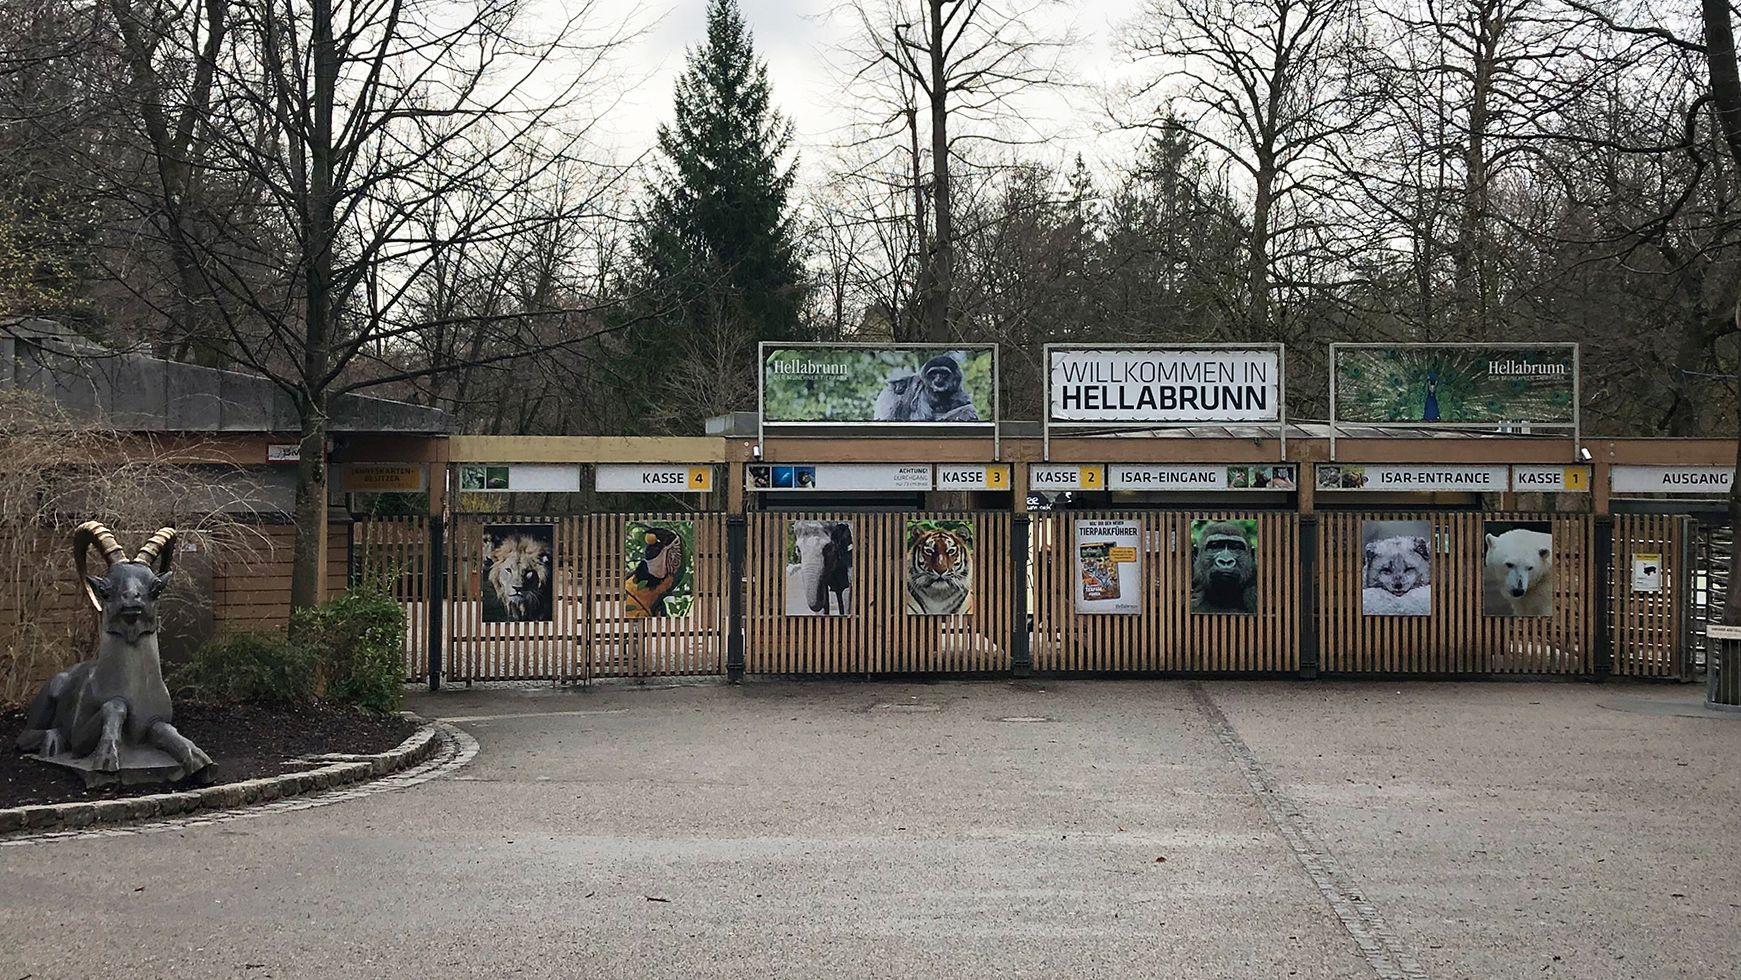 Am Isar-Eingang des Tierparks Hellabrunn in München sind die Zugänge zu den Kassen mit Toren versperrt.